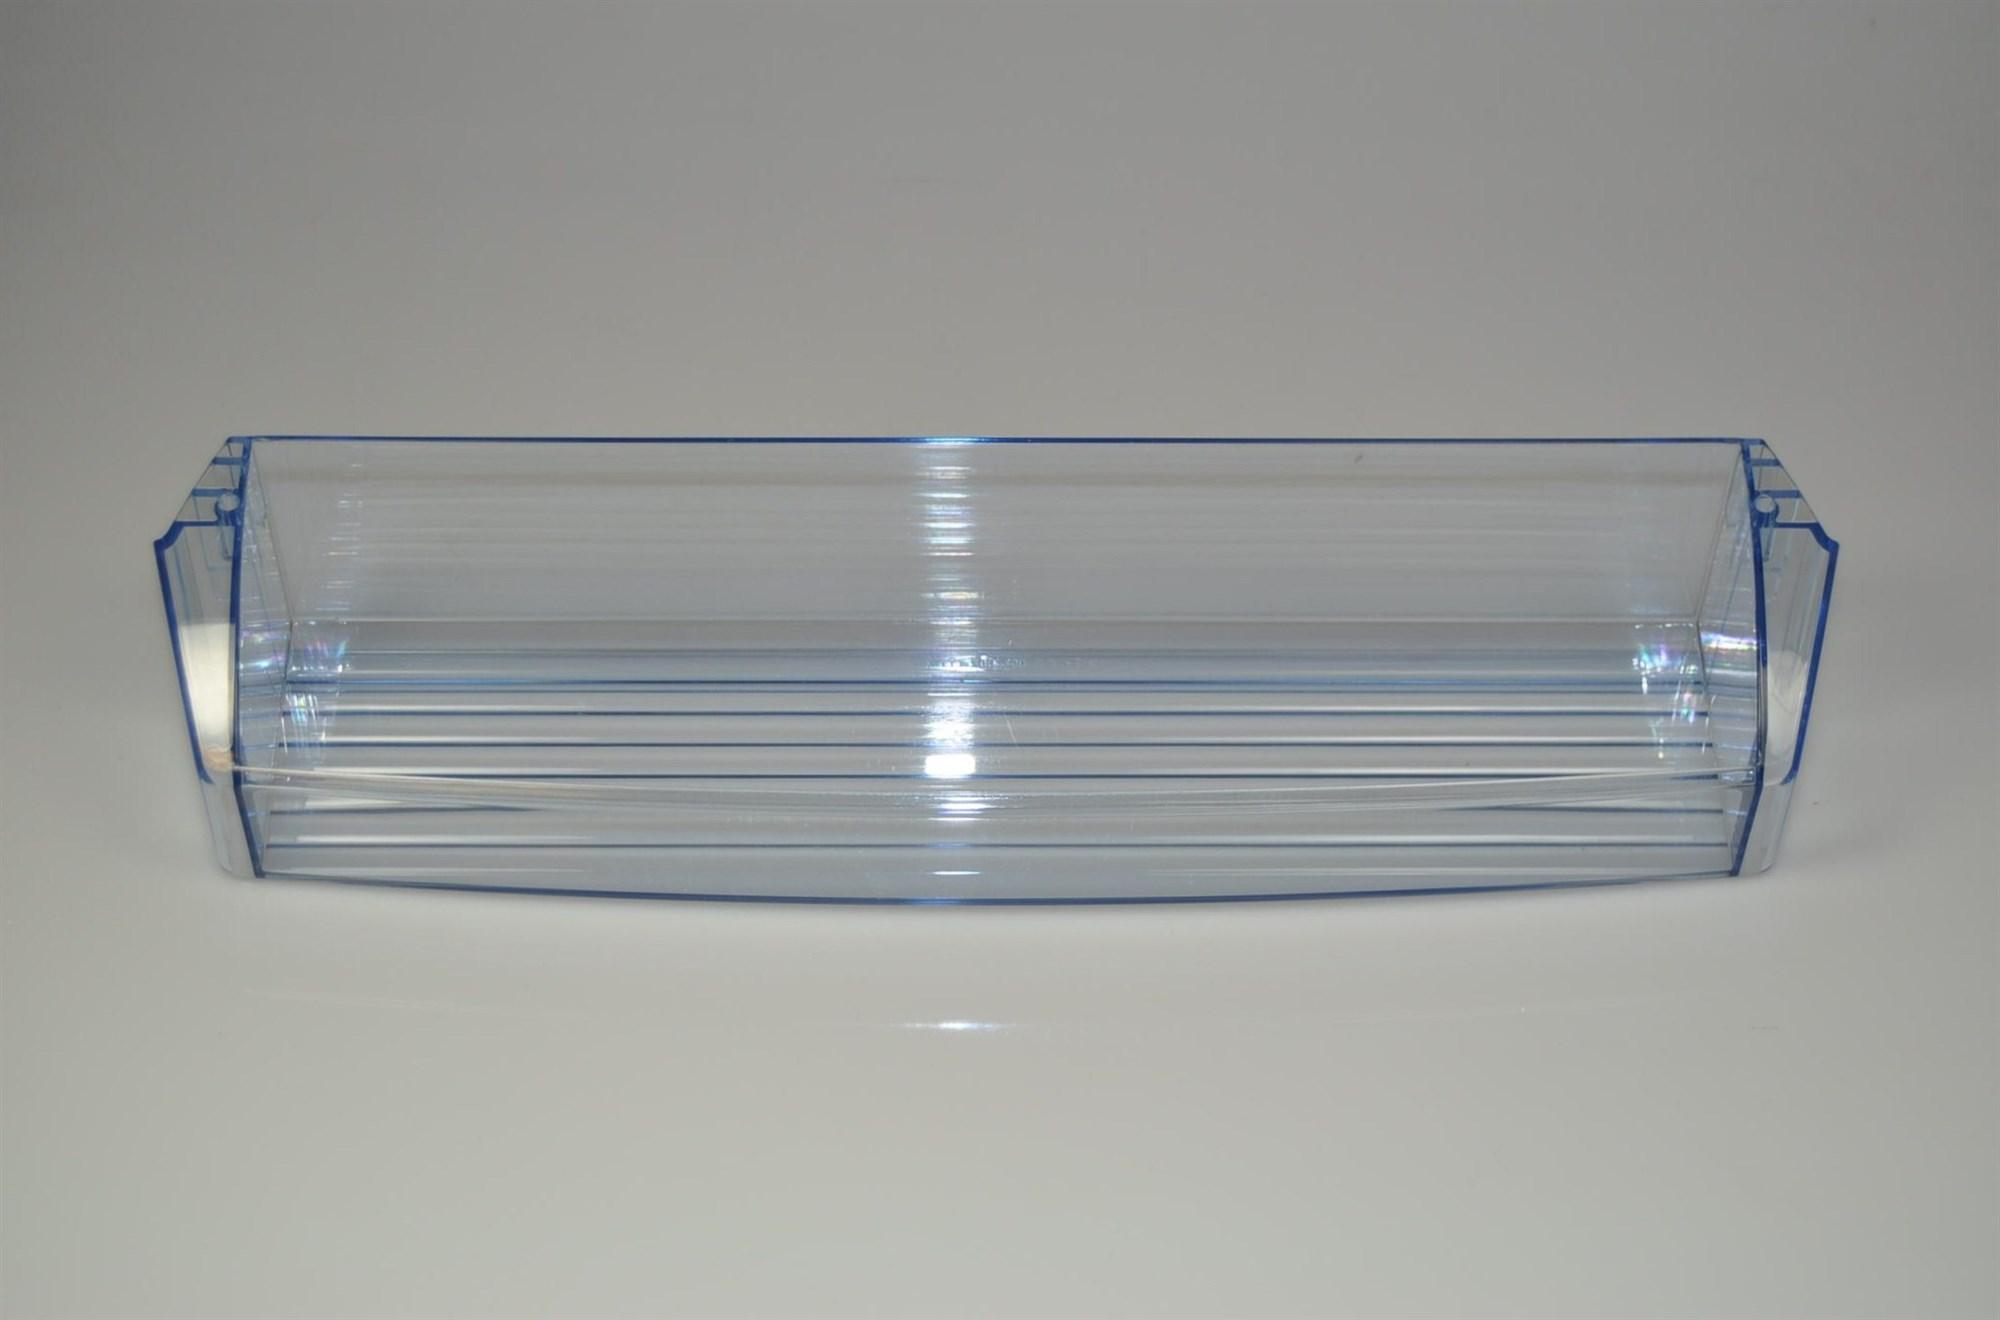 Aeg Kühlschrank Mit Gefrierschrank : Türfach aeg electrolux kühl & gefrierschrank 80 mm x 440 mm x 103 mm